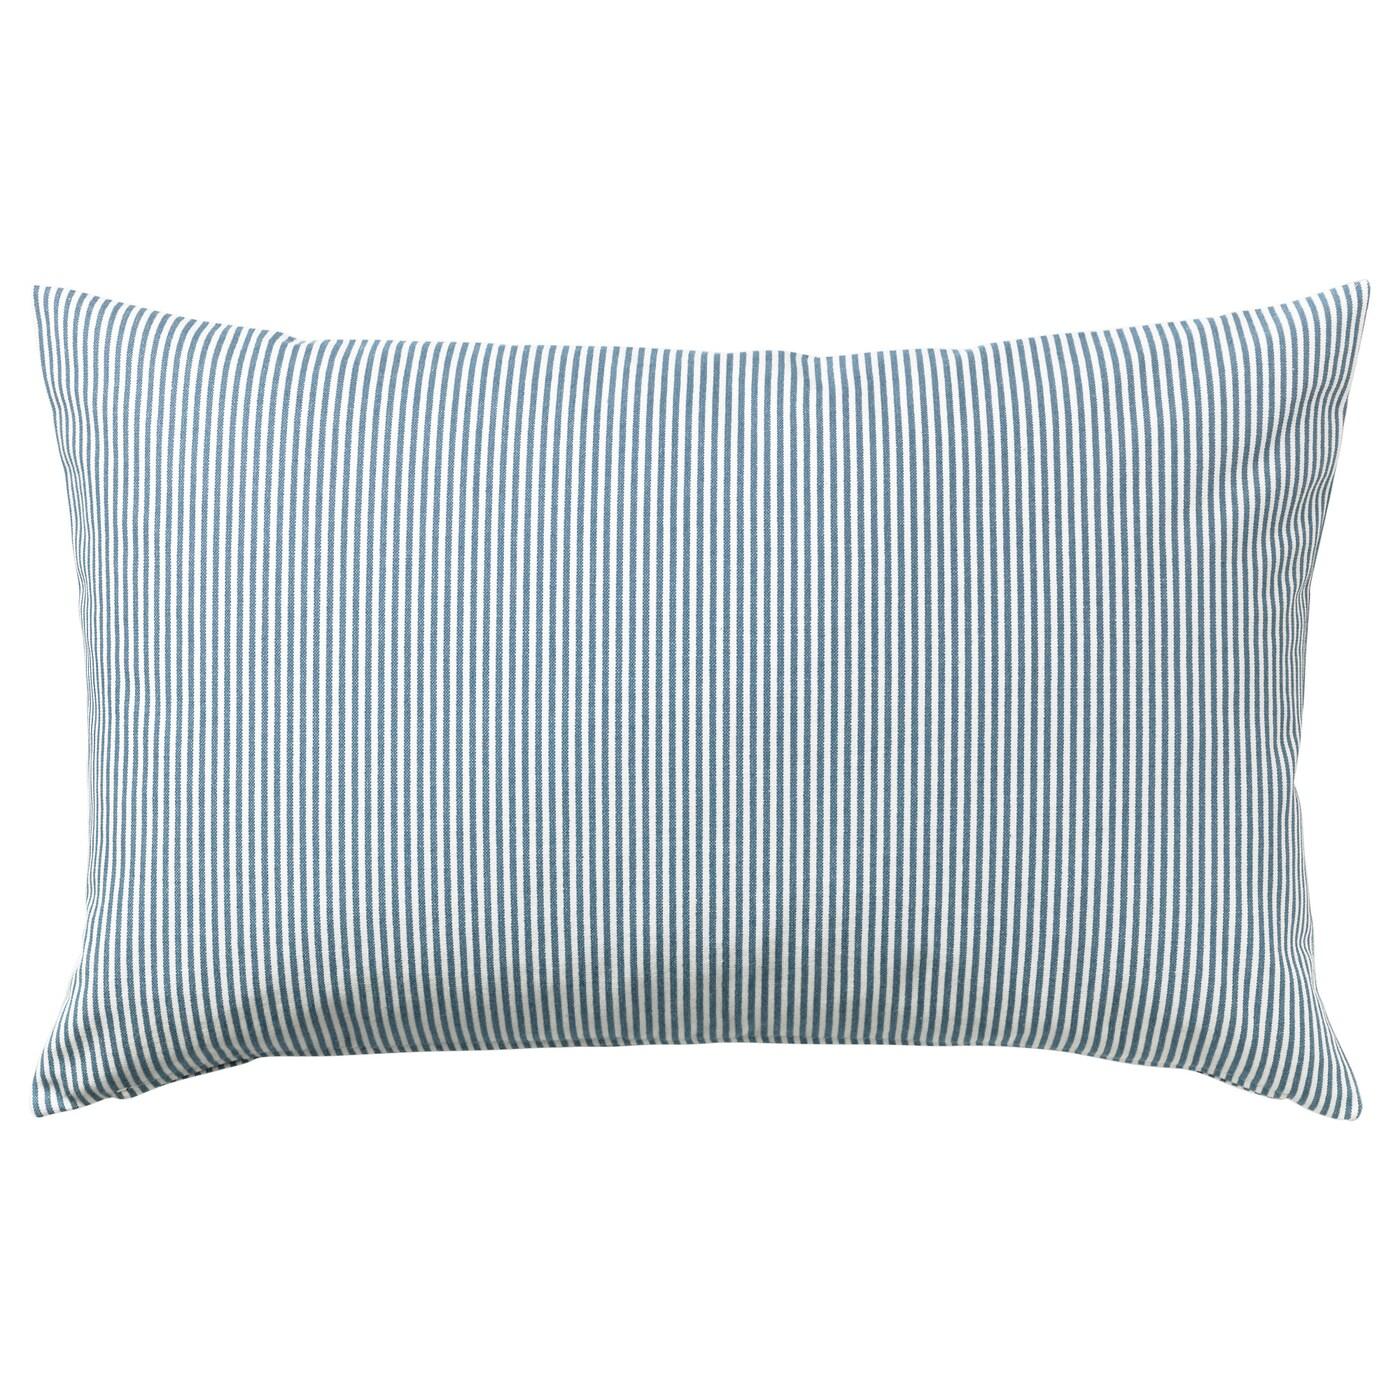 ngslilja housse de couette et 2 taies gris 240x220 50x60 cm ikea. Black Bedroom Furniture Sets. Home Design Ideas